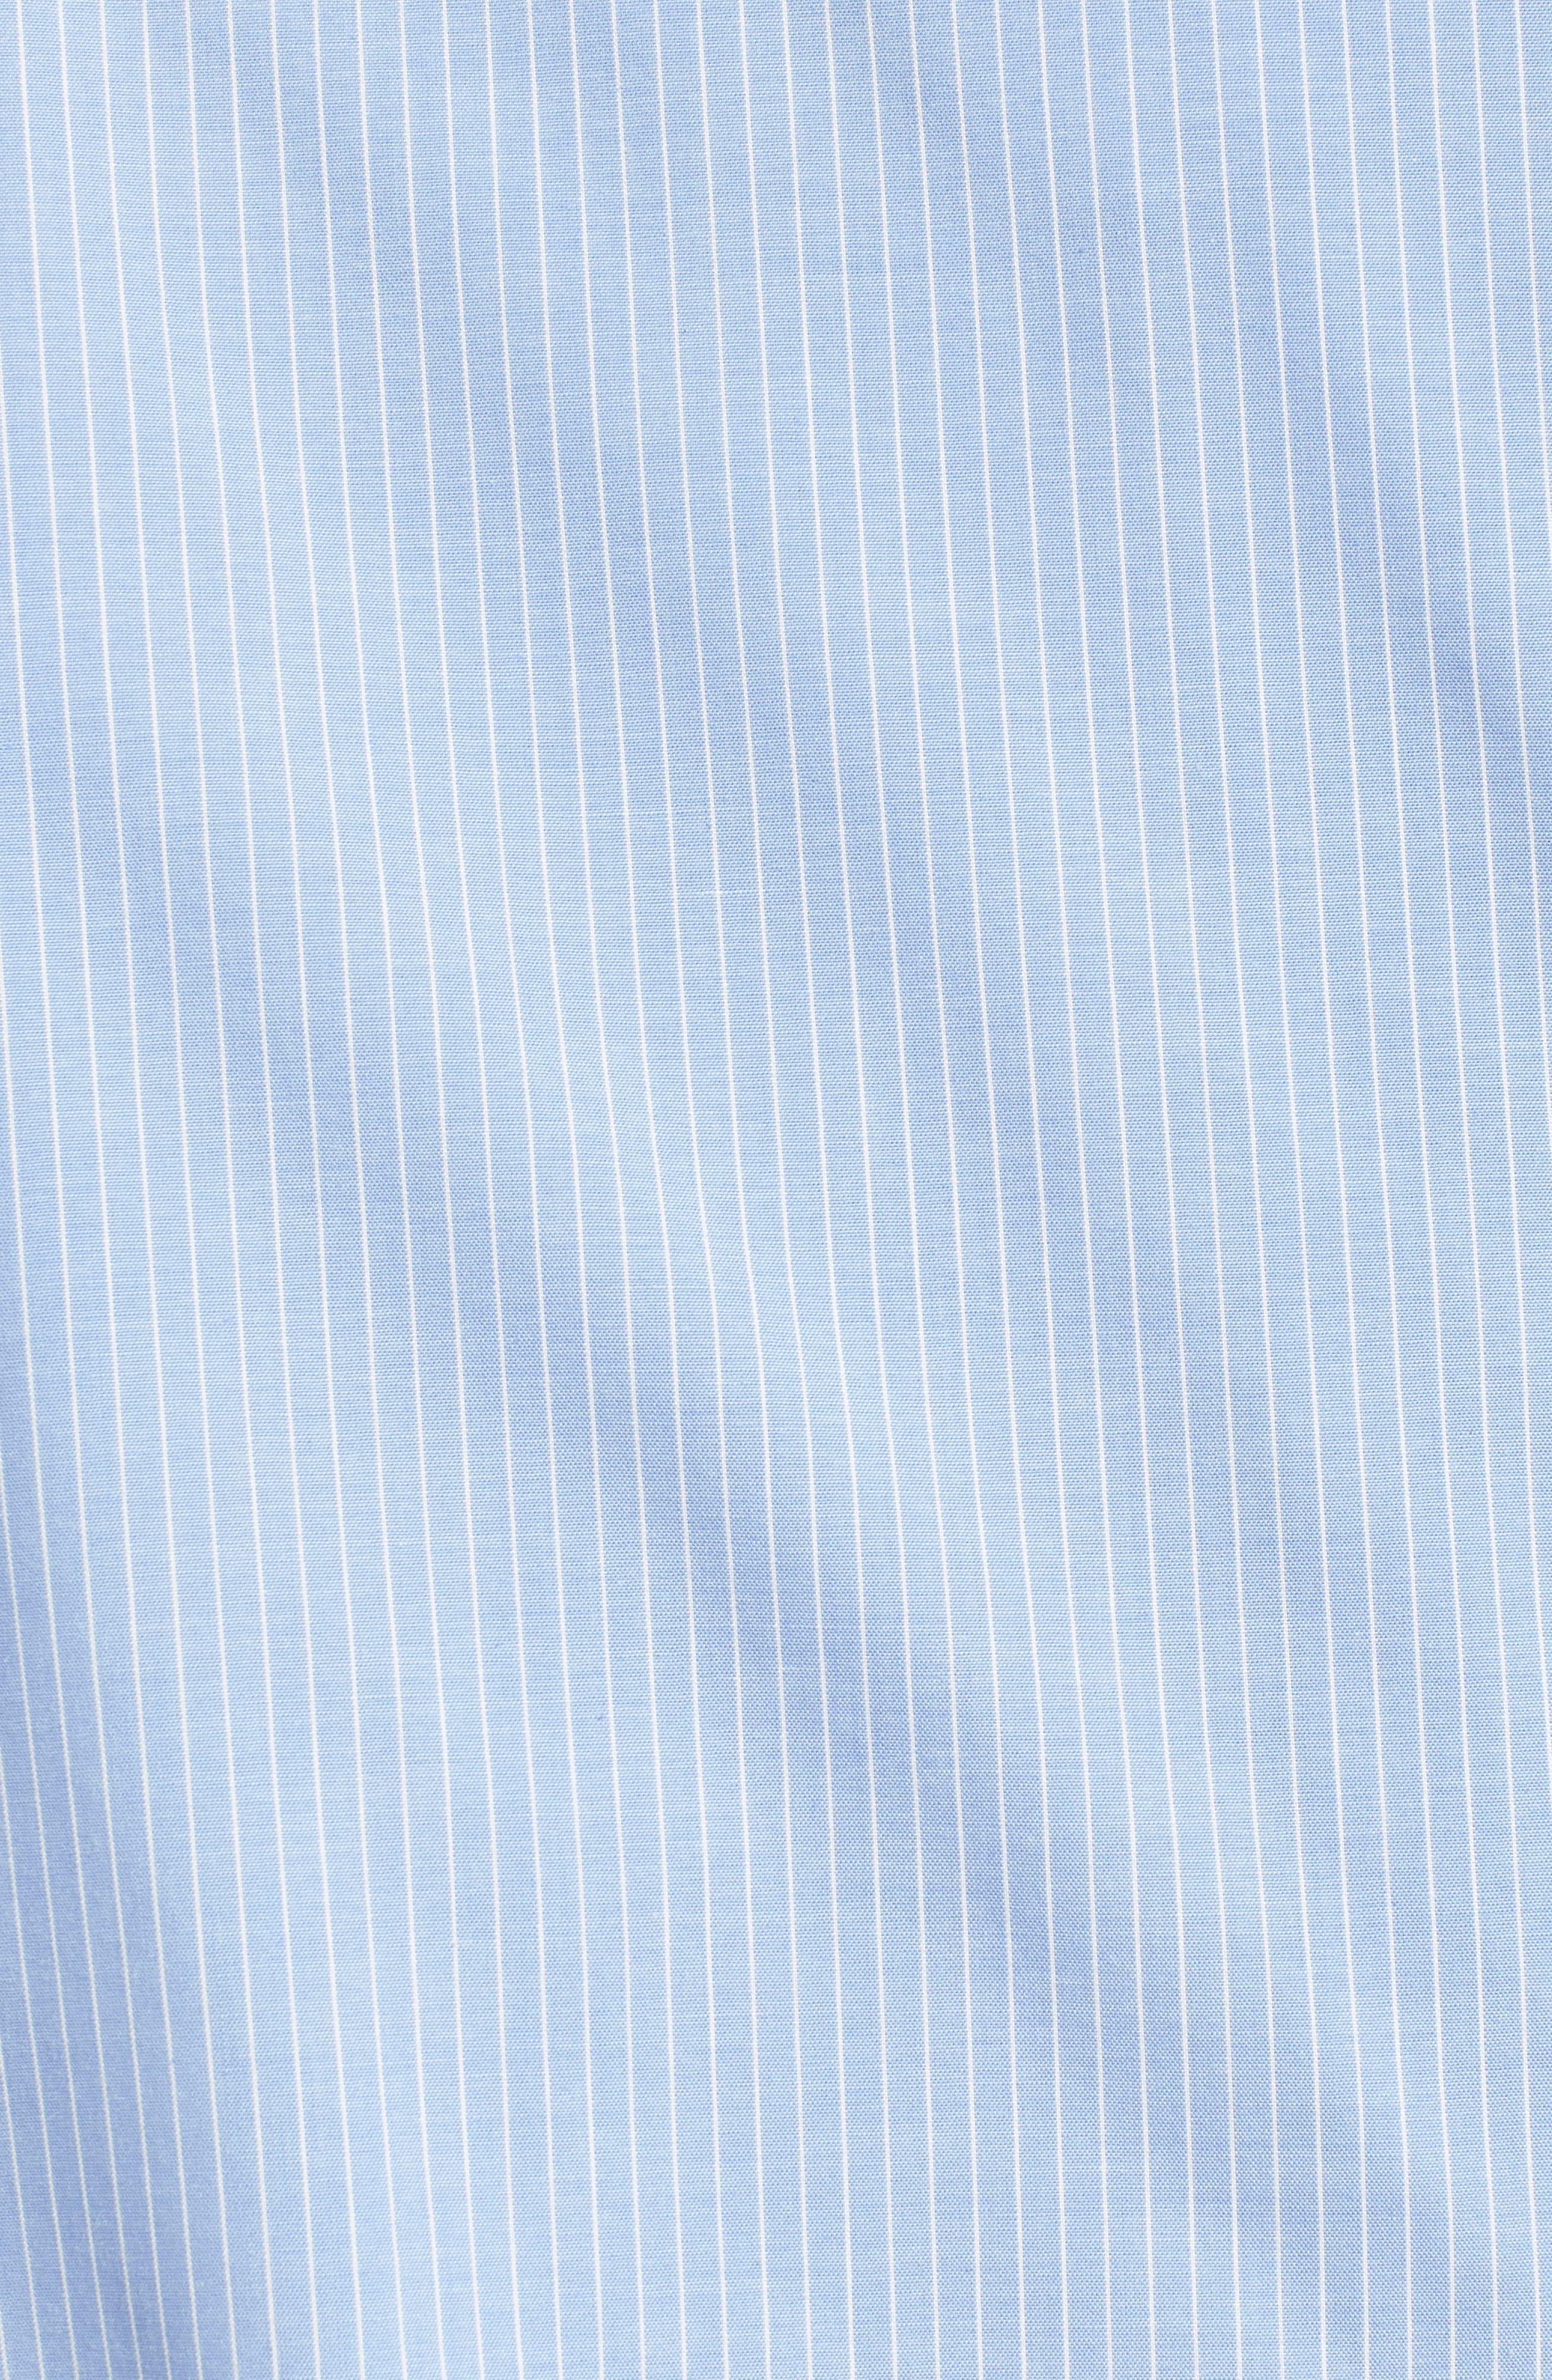 Bow Back Bell Sleeve Top,                             Alternate thumbnail 6, color,                             Light Blue- White Stripe